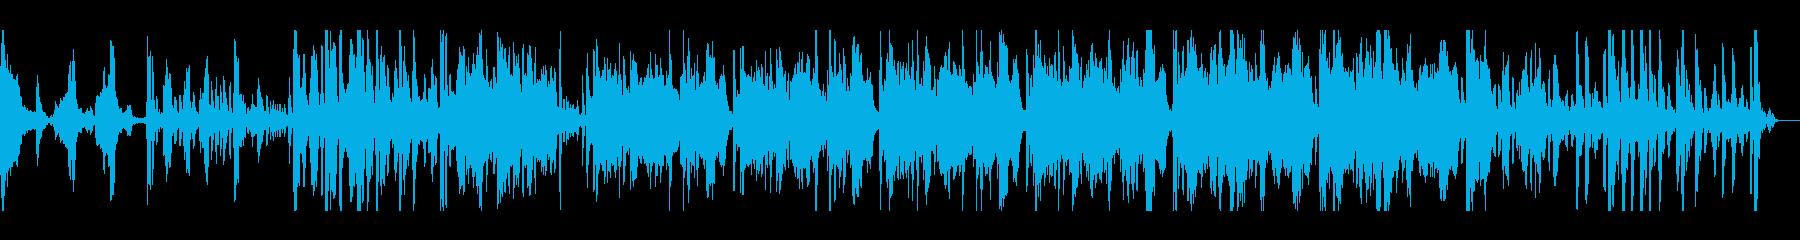 弦が印象的な緊迫感のあるオーケストラ曲の再生済みの波形